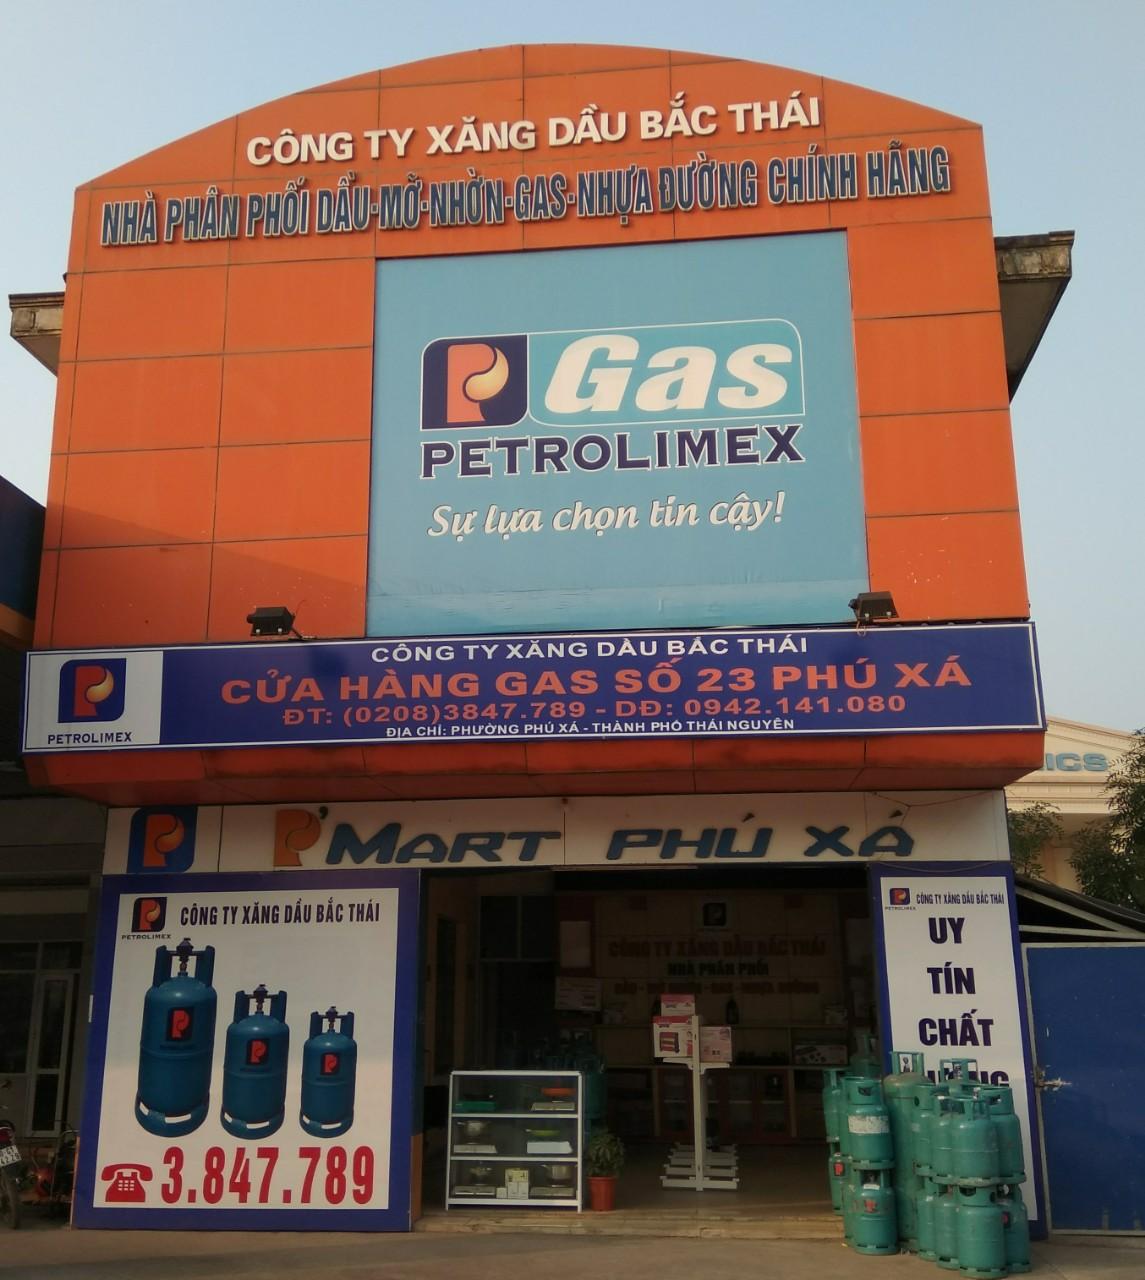 Cửa hàng Gas Petrolimex số 903 đường 3/2 p. Phú Xá Tp Thái Nguyên